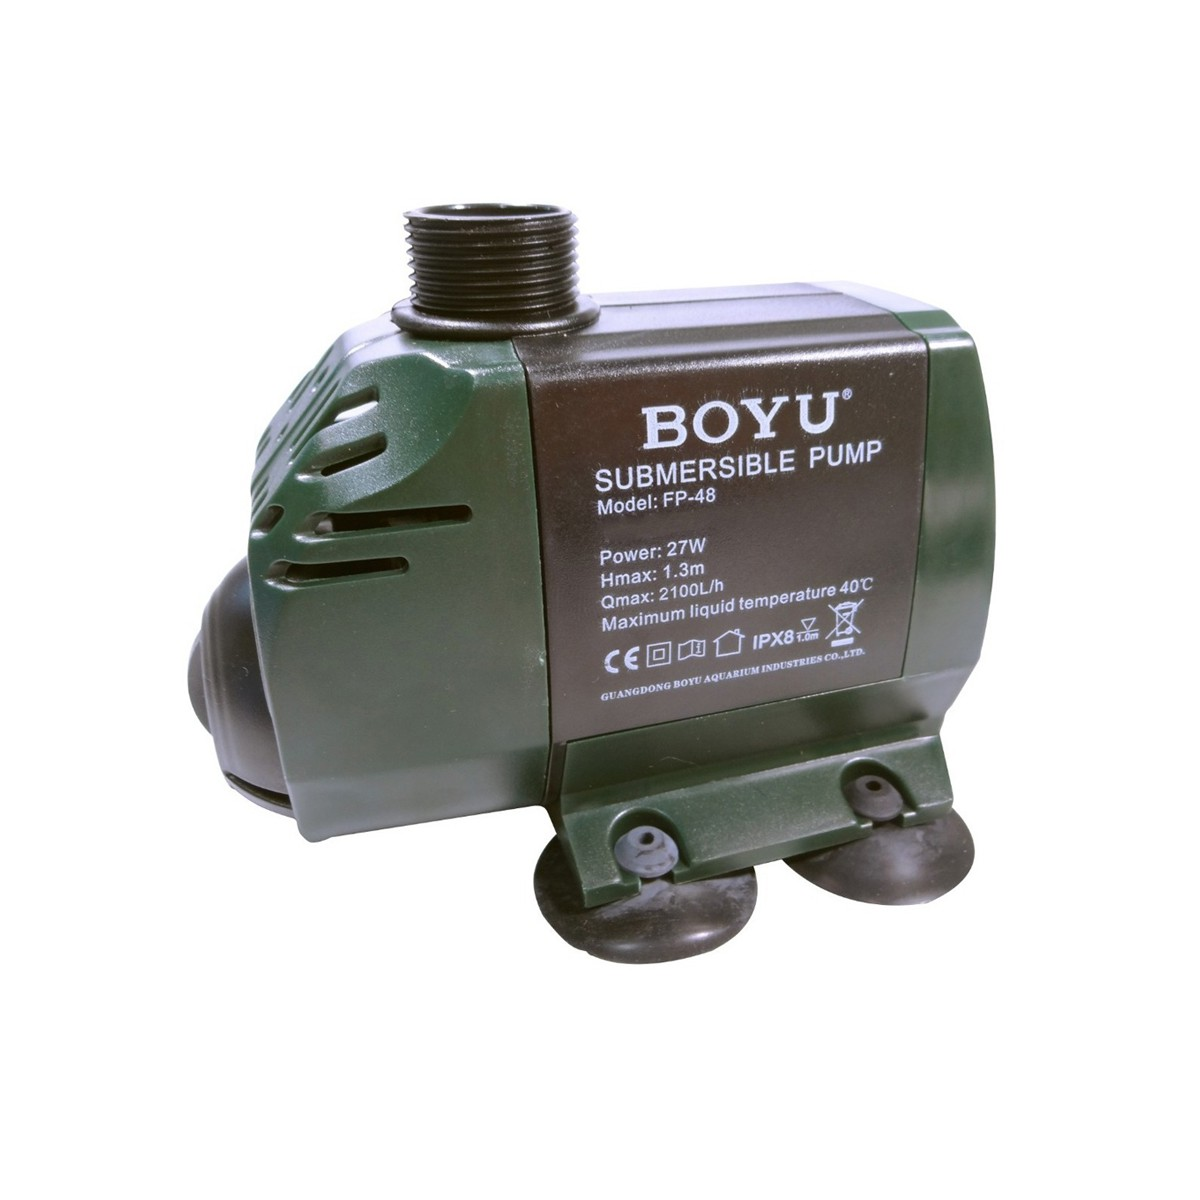 Boyu Bomba Submersa Aquários e Fontes FP-48 2100l/h